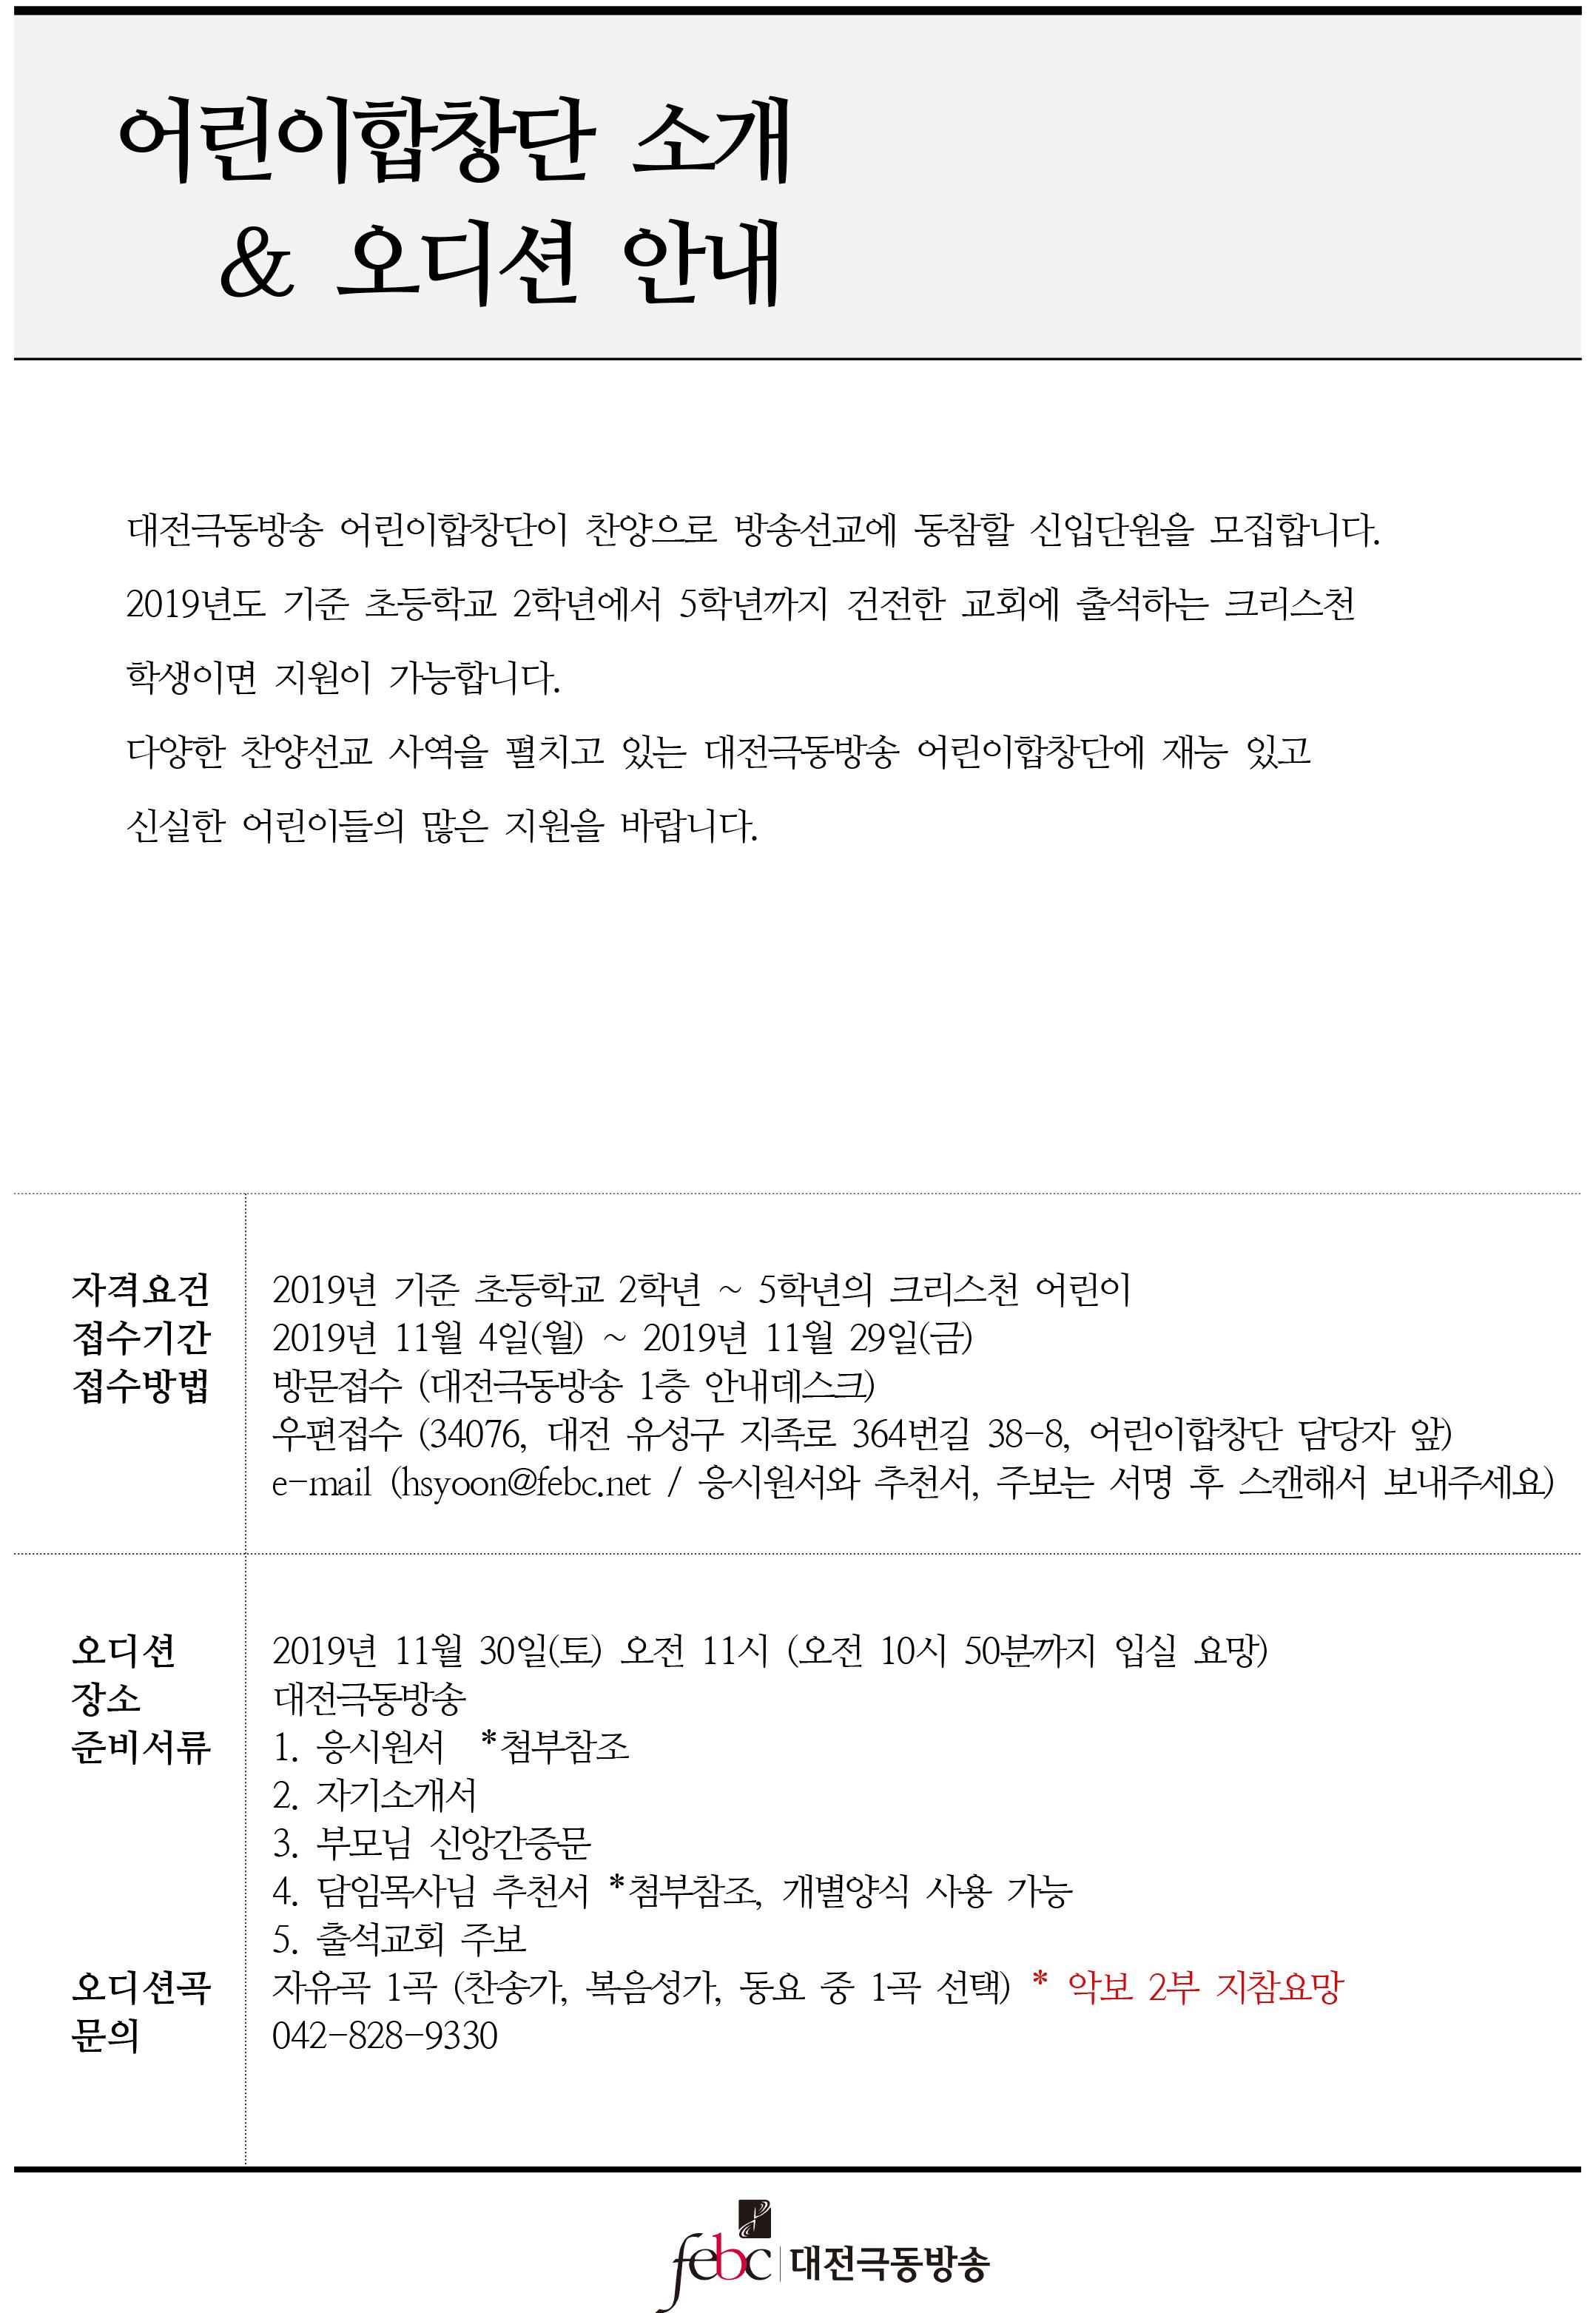 신입단원모집오디션안내 및 응시원서_추천서 (1)111.jpg